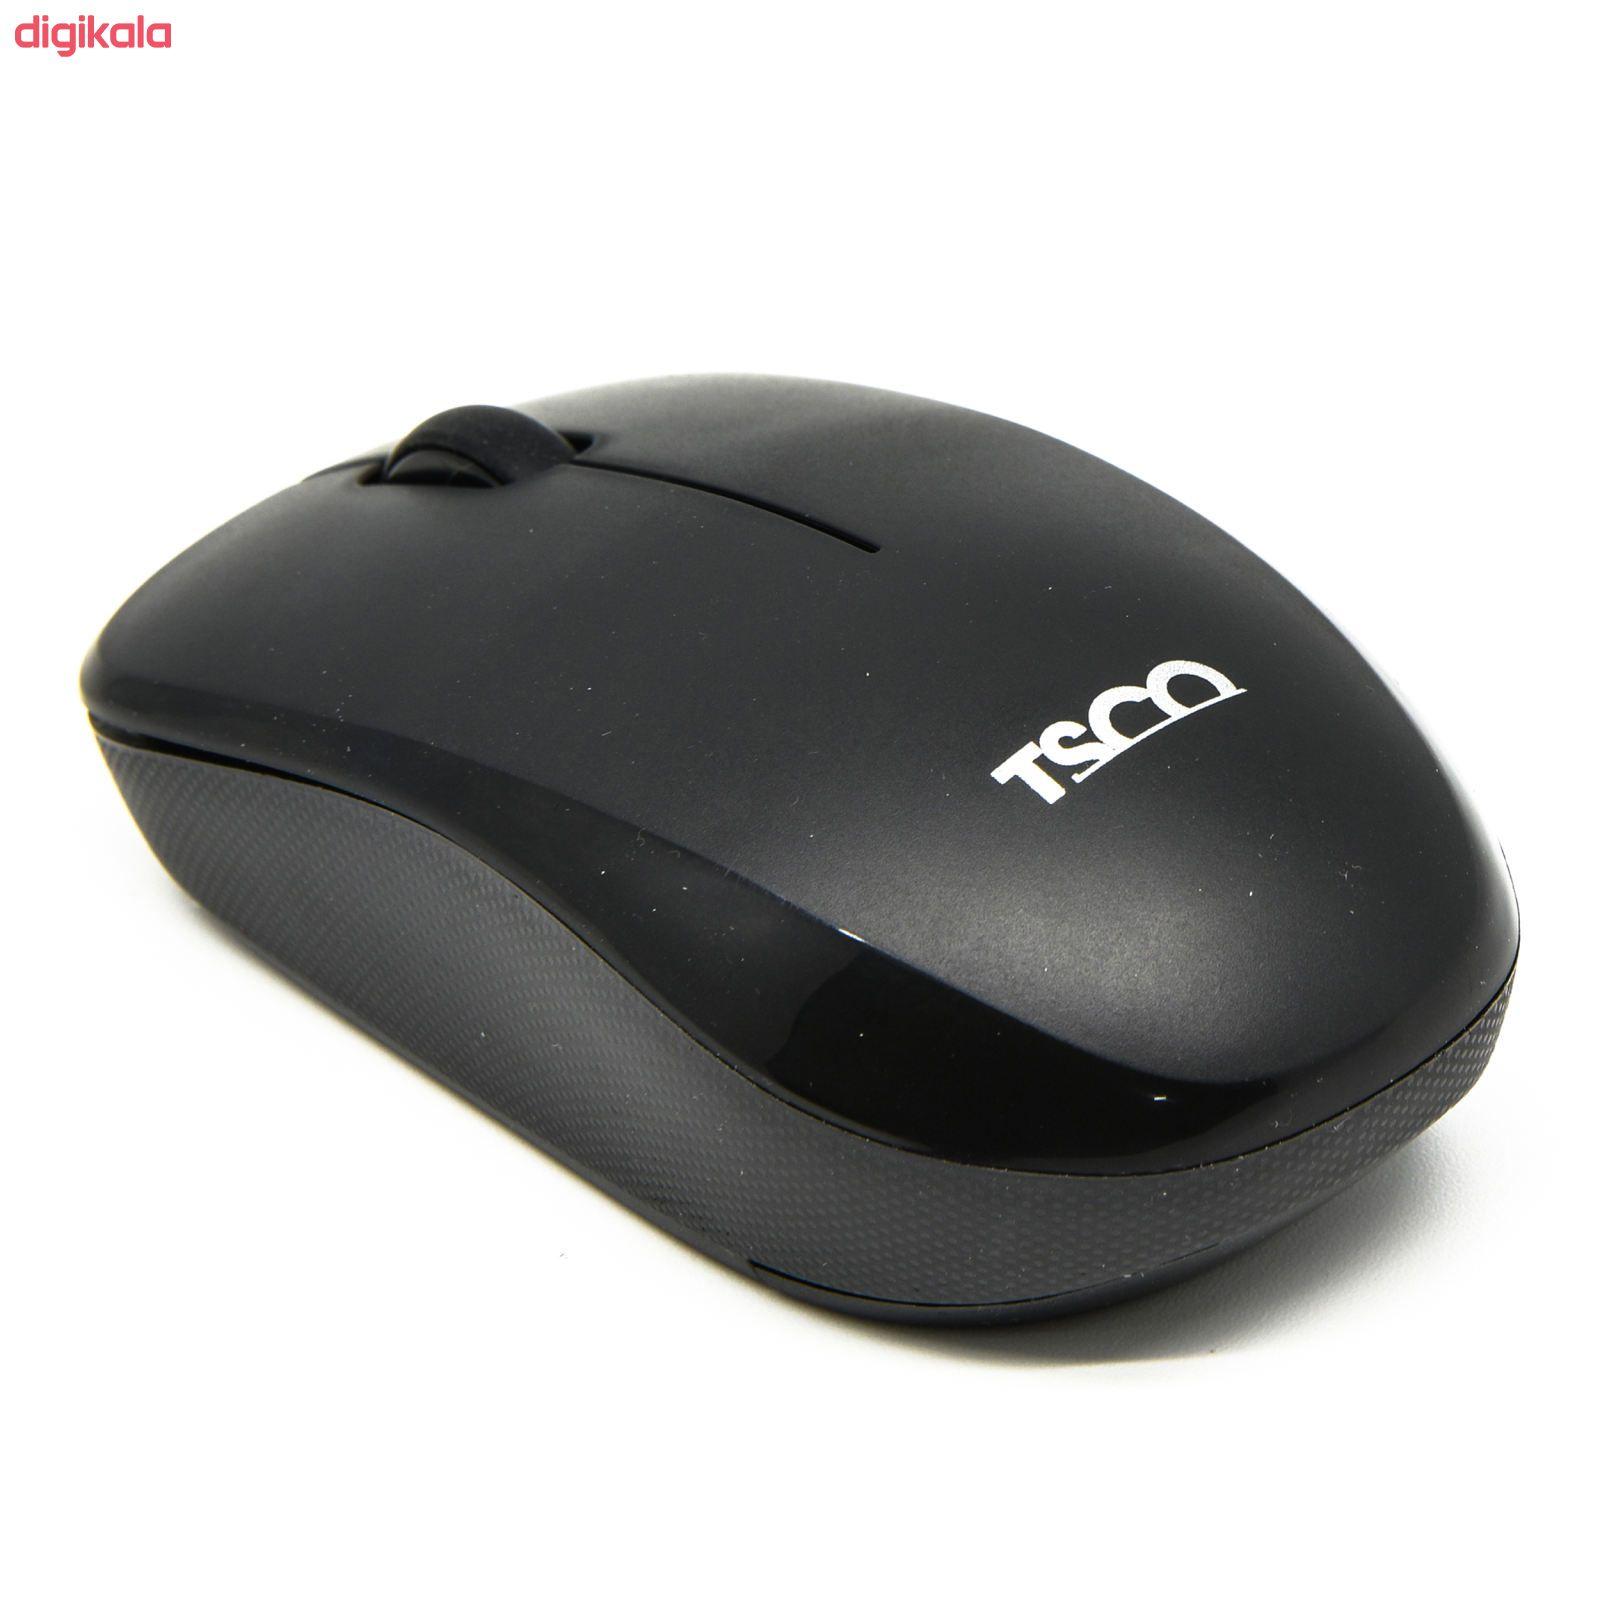 اندروید باکس تسکو مدل Tab 100 Plus به همراه ماوس بی سیم main 1 7